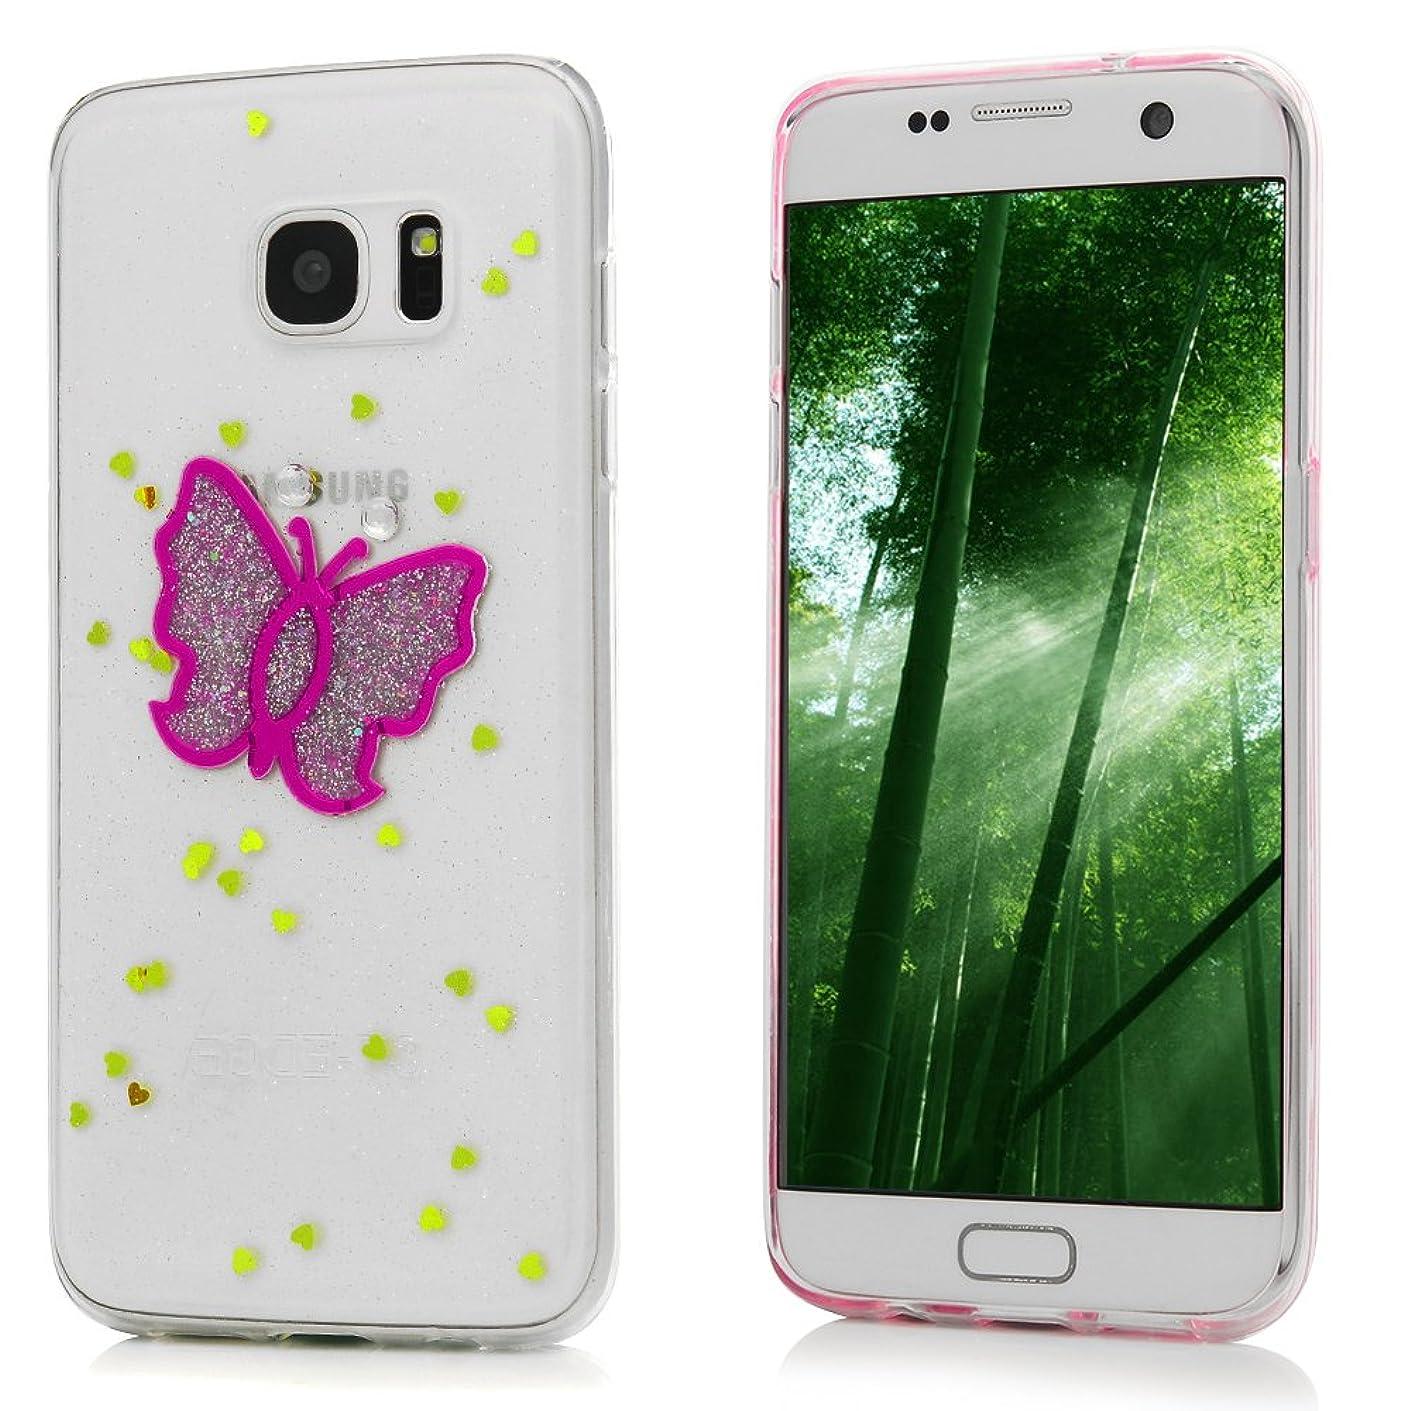 パイントイブニング石油YOKIRIN Samsung Galaxy S7 ケース 流砂 キラキラ 夜光式 Galaxy S7 リラックス 超軽量 極薄 落下防止 防指紋 散熱加工 シンプル 保護バンパー 弾力性付き アンチスクラッチ スマートフォンカバー Galaxy S7 カバー 胡蝶